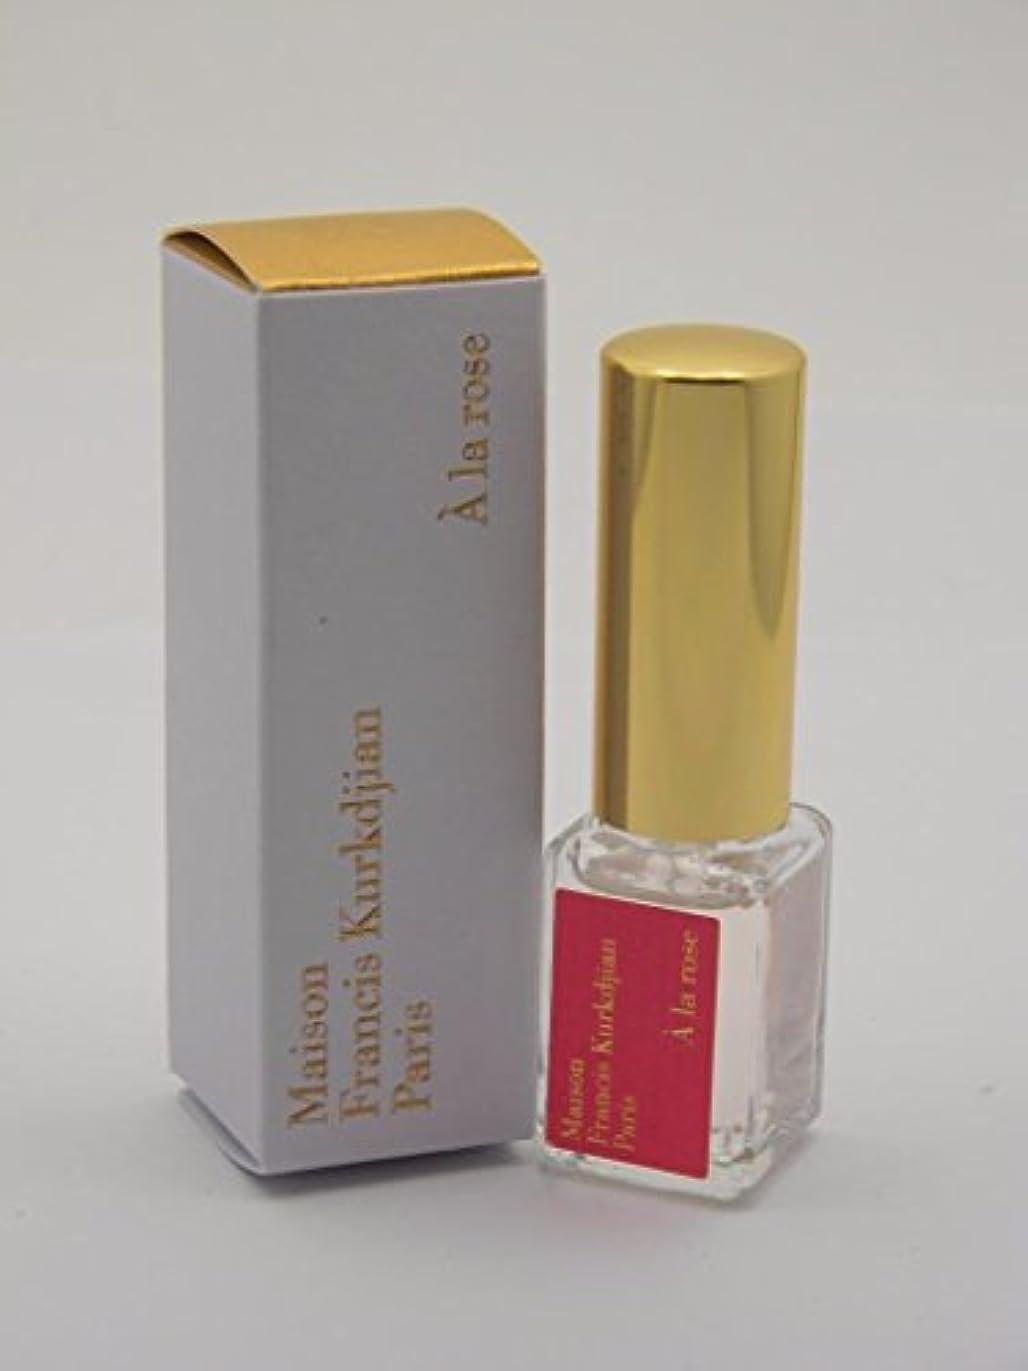 スクラブオートの配列Maison Francis Kurkdjian A la Rose (メゾン フランシス クルジャン ア ラ ローズ) 0.17 oz (5ml) EDP Travel Spray (トラベル スプレー)for Women